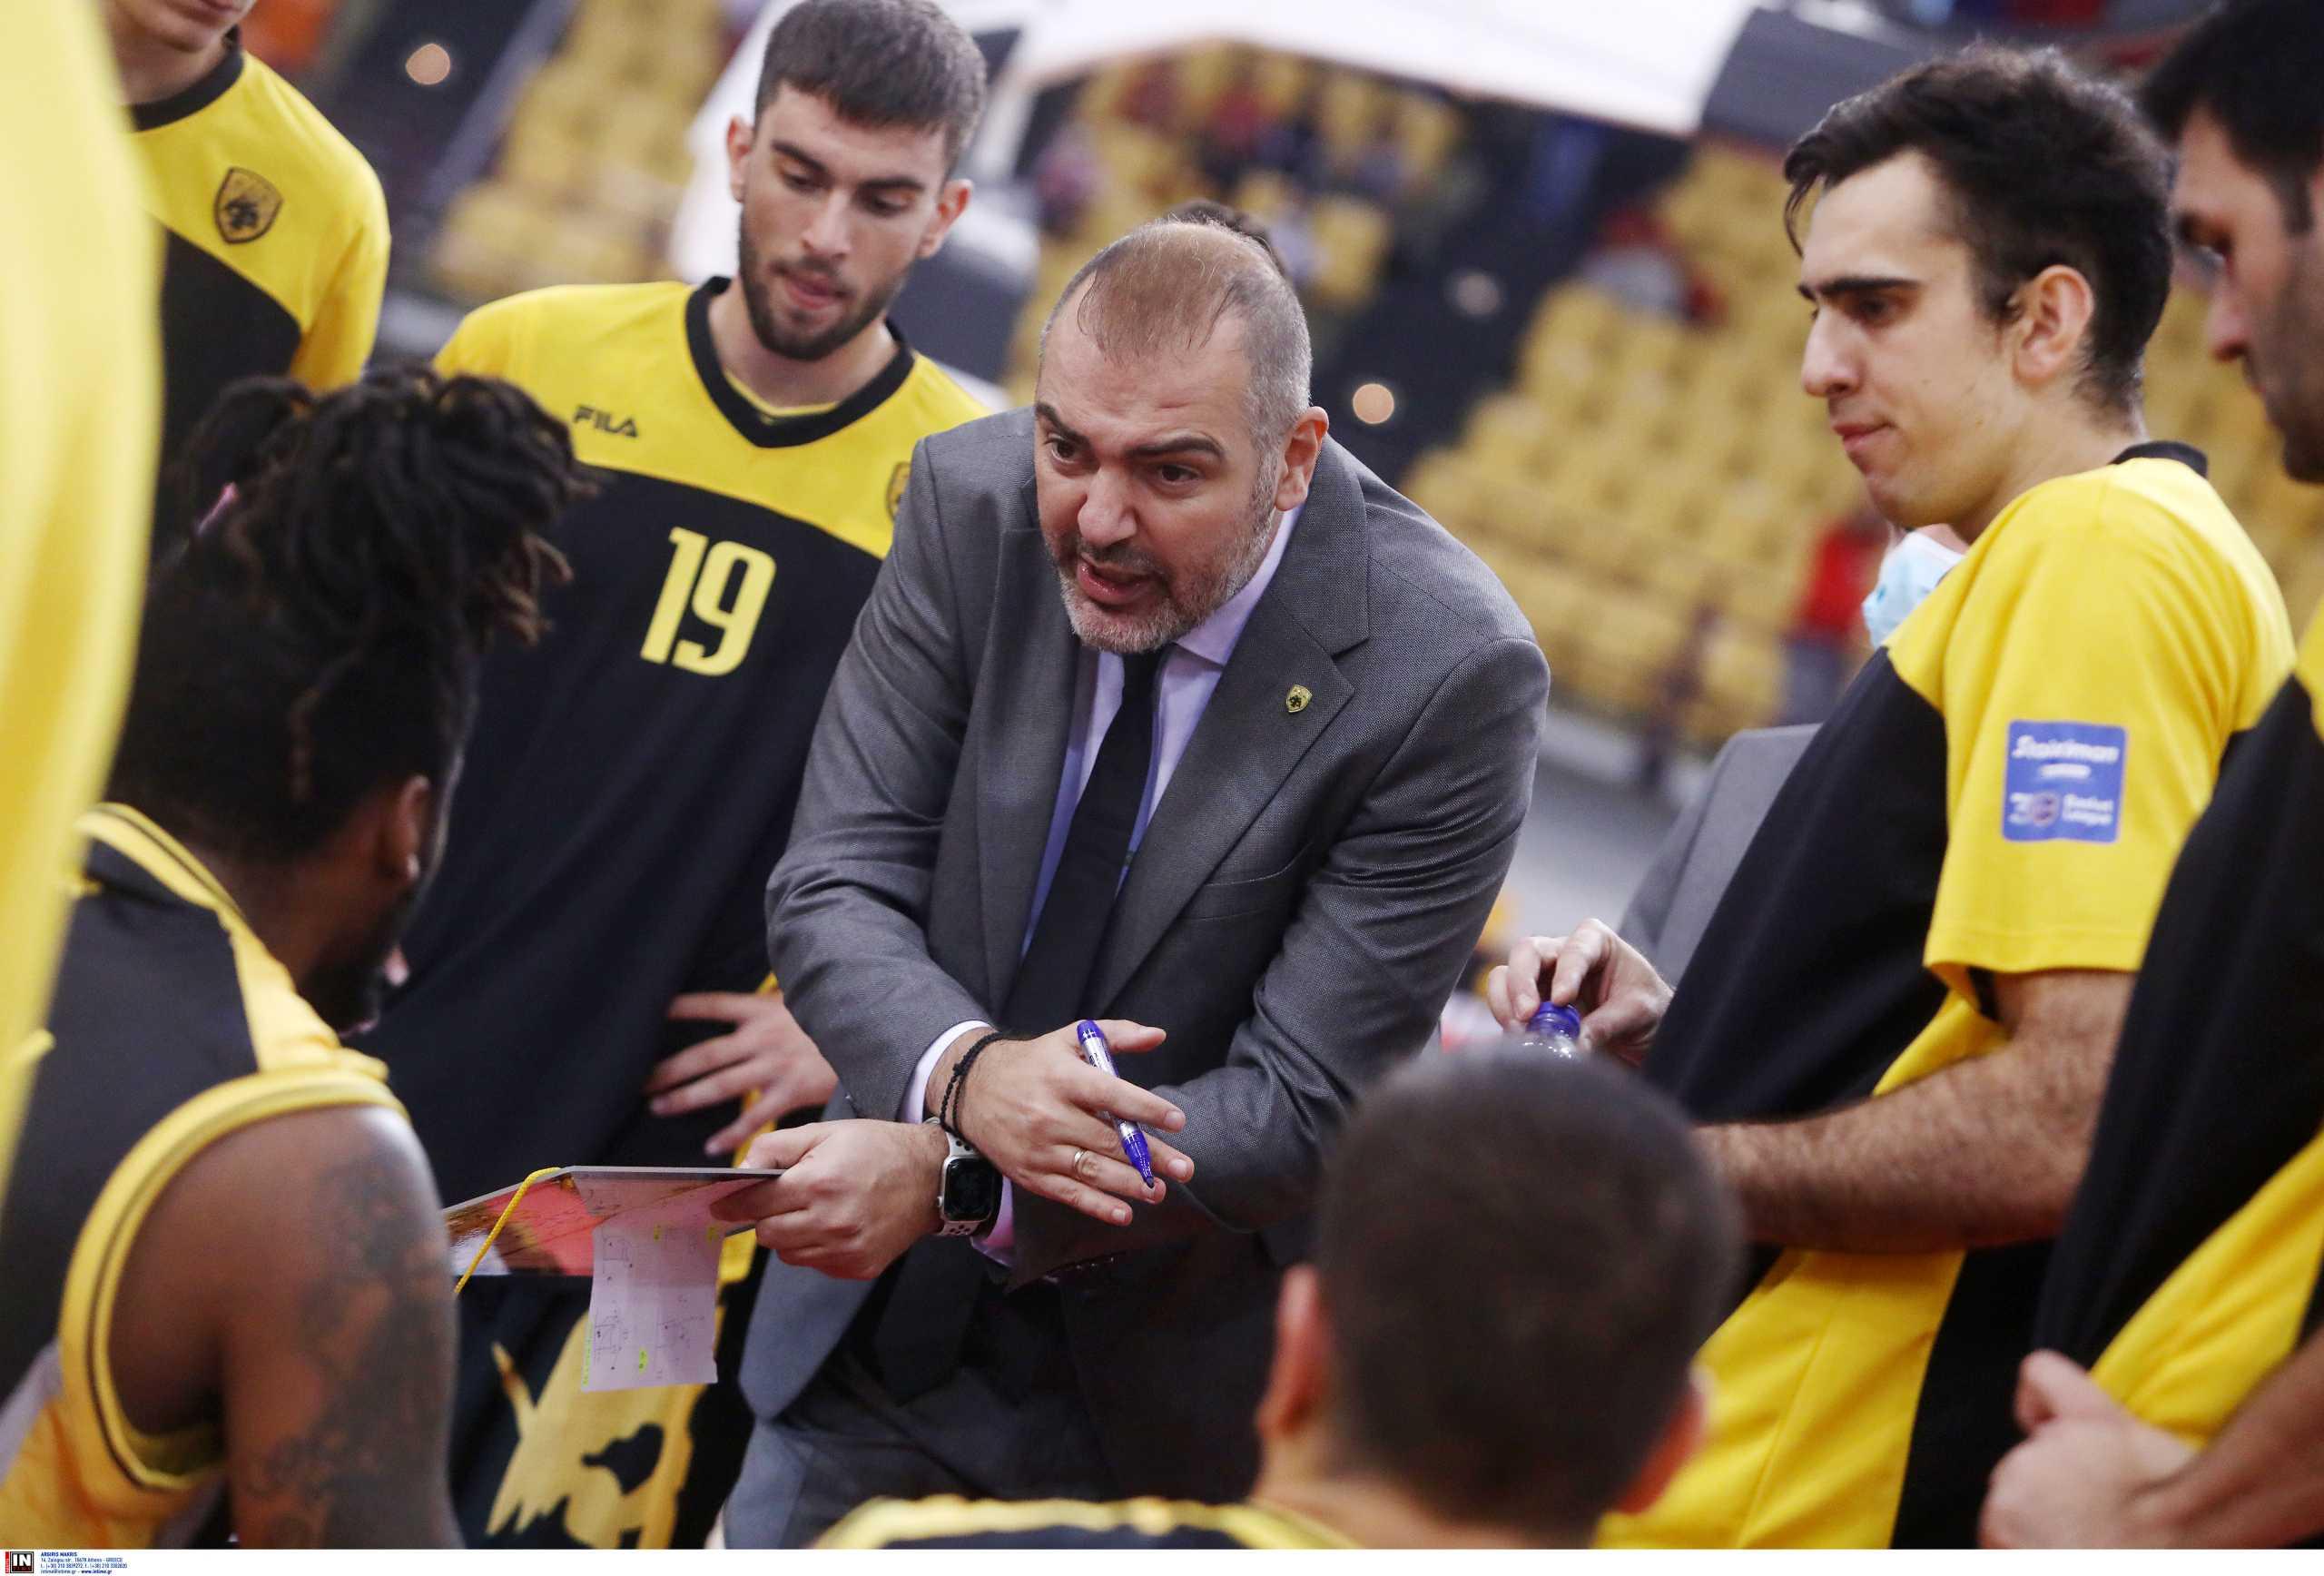 Σομπατέλι – ΑΕΚ 83-78: Μπήκε με ήττα και στο Basketball Champions League